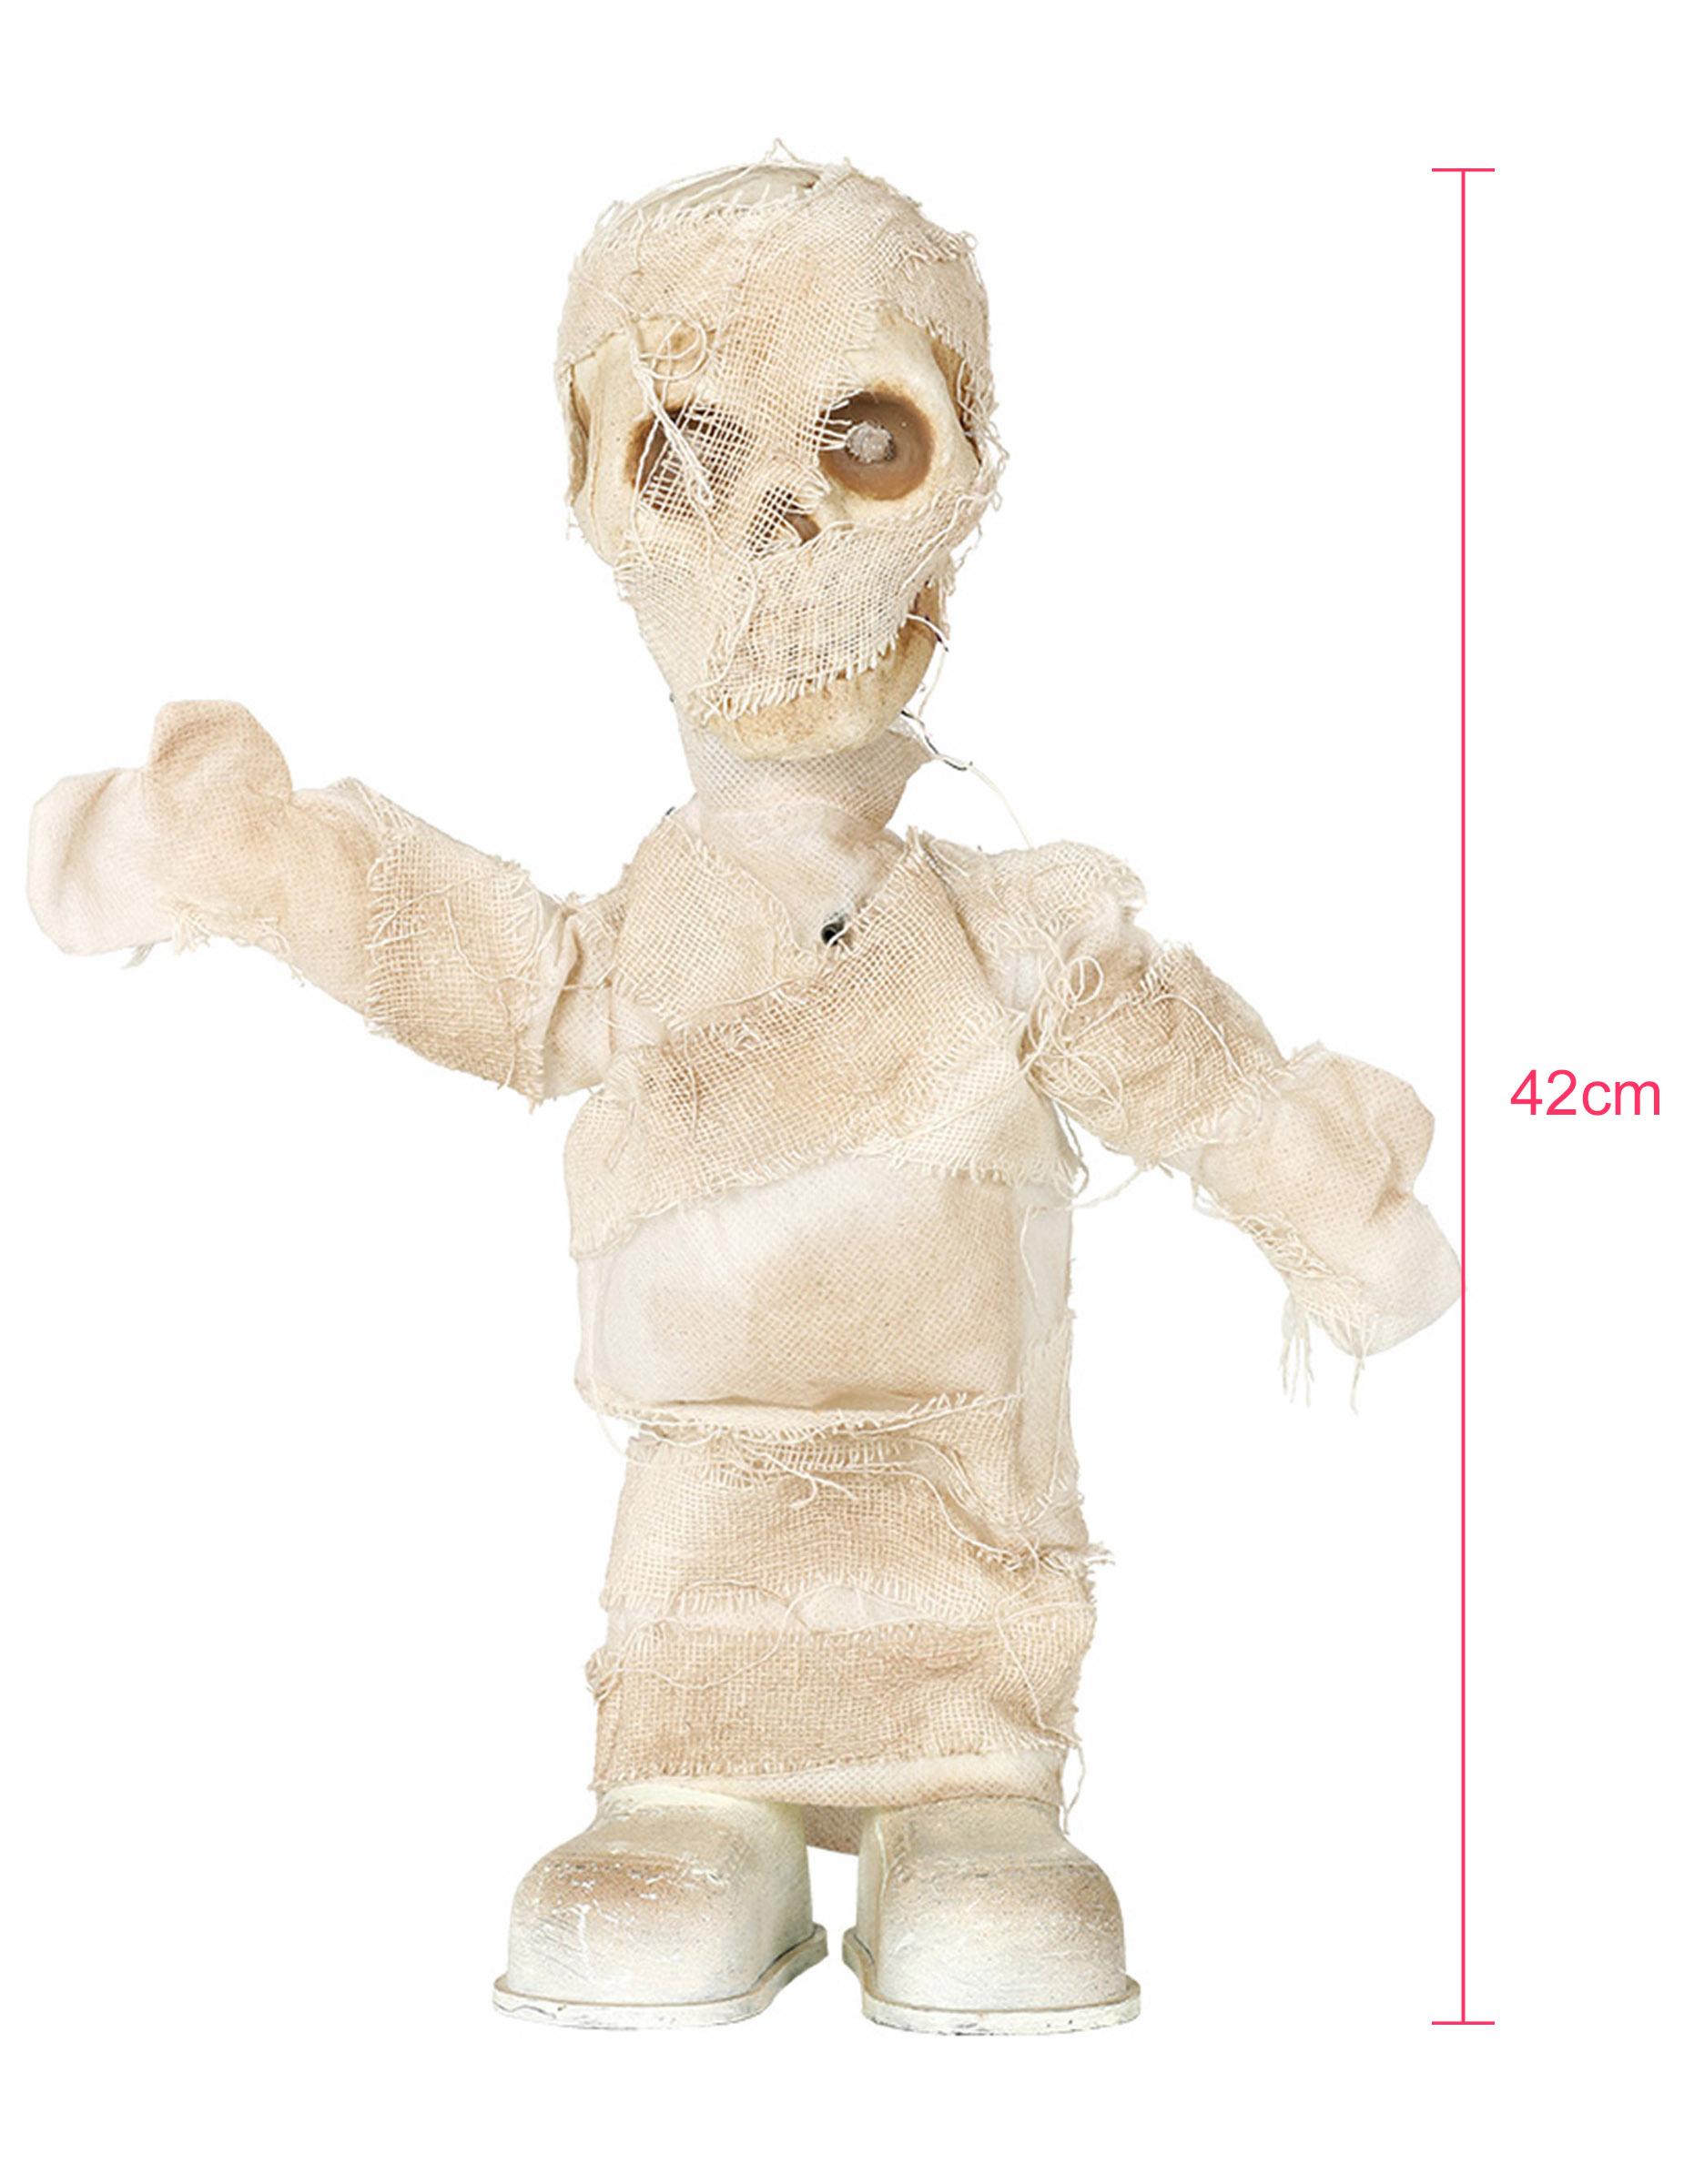 Mumien Figur Mit Licht Gerauschen Und Bewegung Halloween Deko Weiss 42 Cm Gunstige Halloween Partydeko Bei Horrorklinik